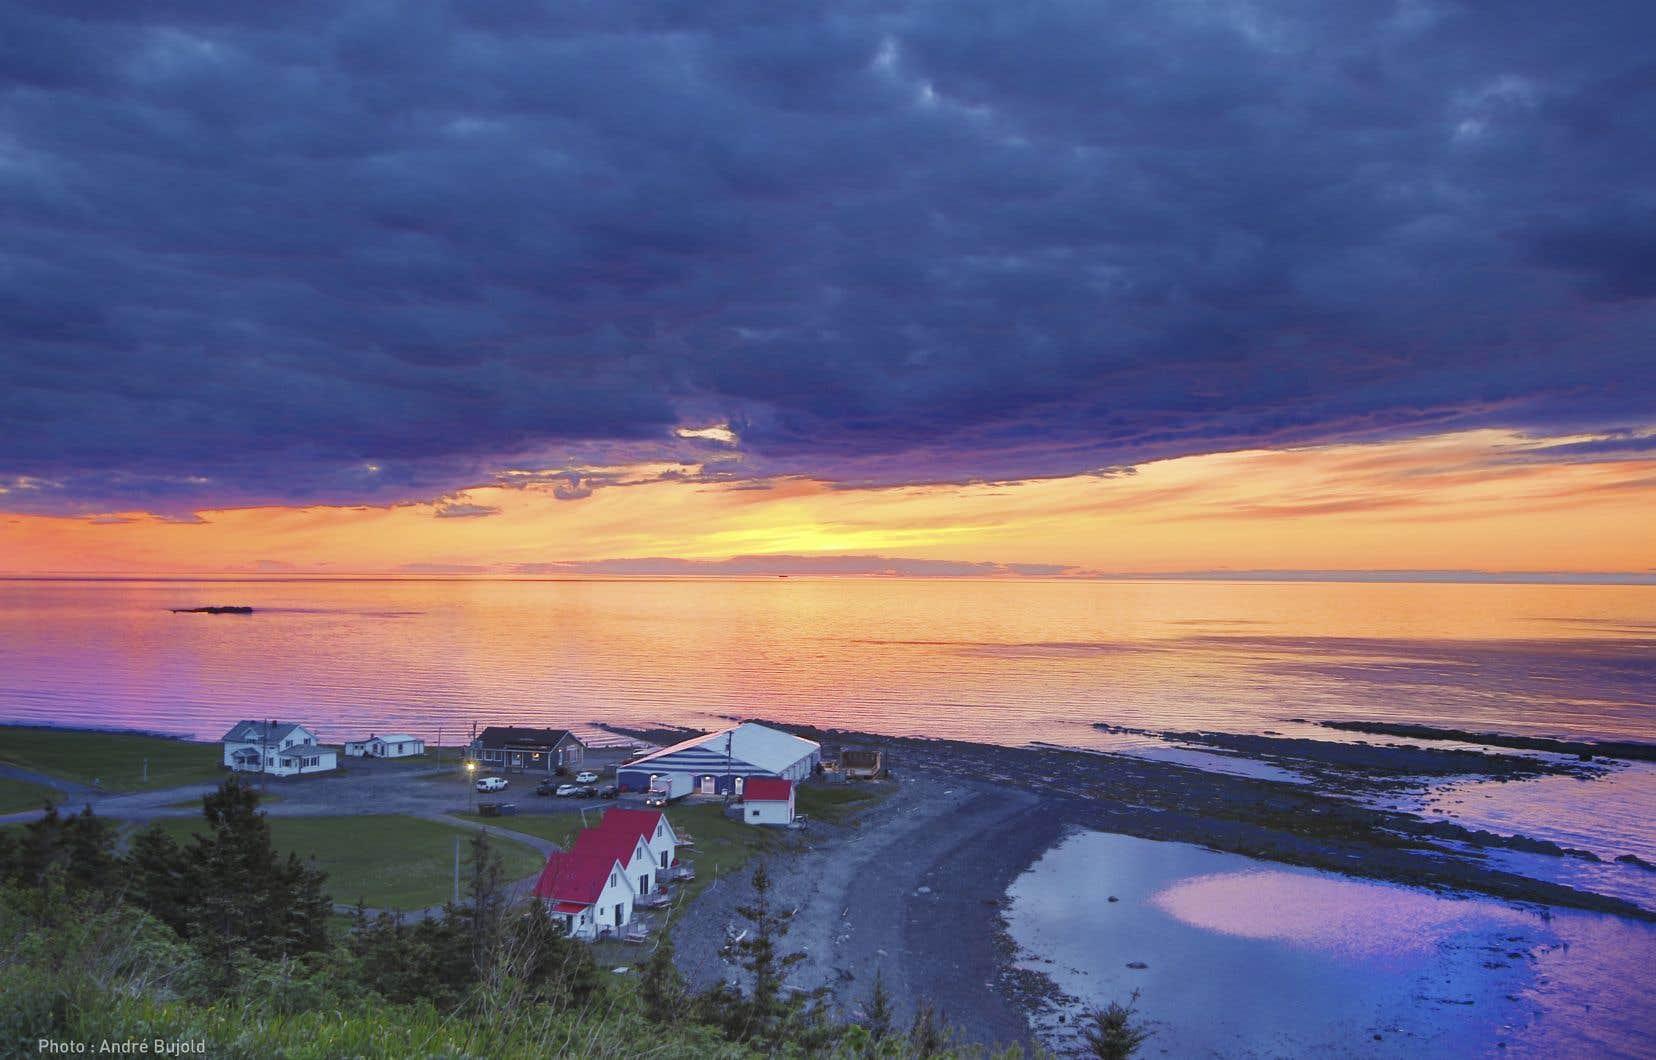 Il y aura au moins une autre édition du festival qui se déroulera dans le vaste chapiteau temporaire de Petite-Vallée, installé là où le Théâtre de la Vieille Forge trônait jadis, au pied de la mer.